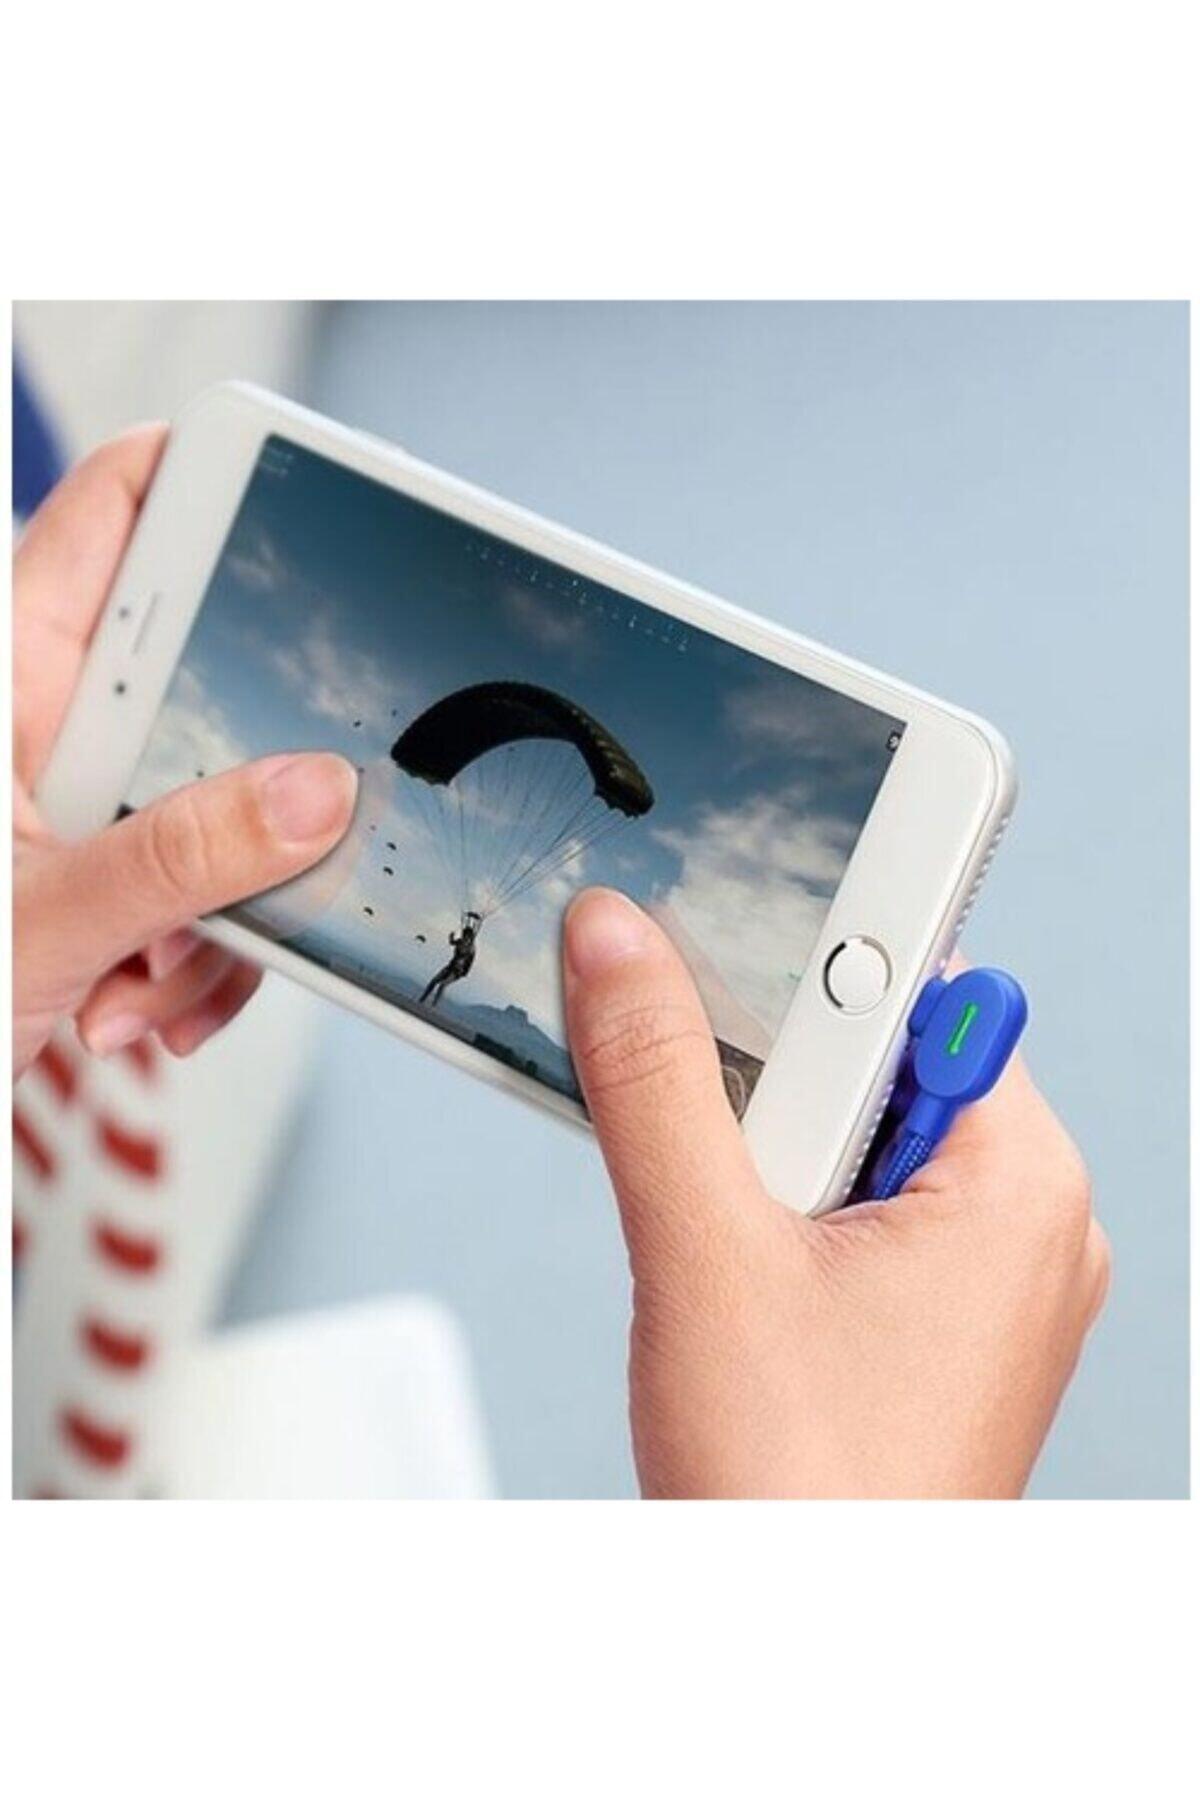 Mcdodo Mavi Iphone Uyumlu Data Ve Şarj Kablosu Ca-4678 1.8 mt 2